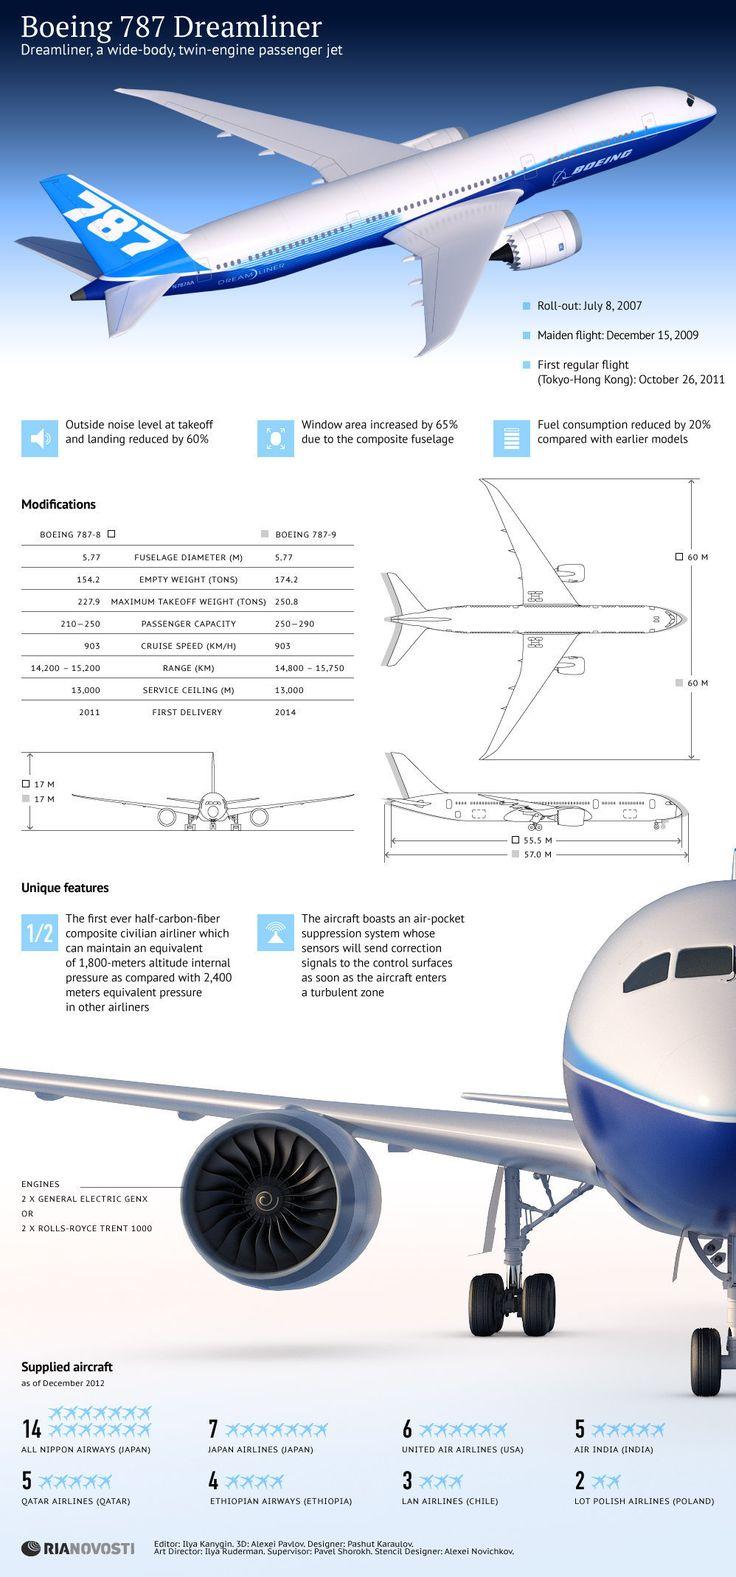 Boeing 787 Dreamliner | INFOgraphics | RIA Novosti